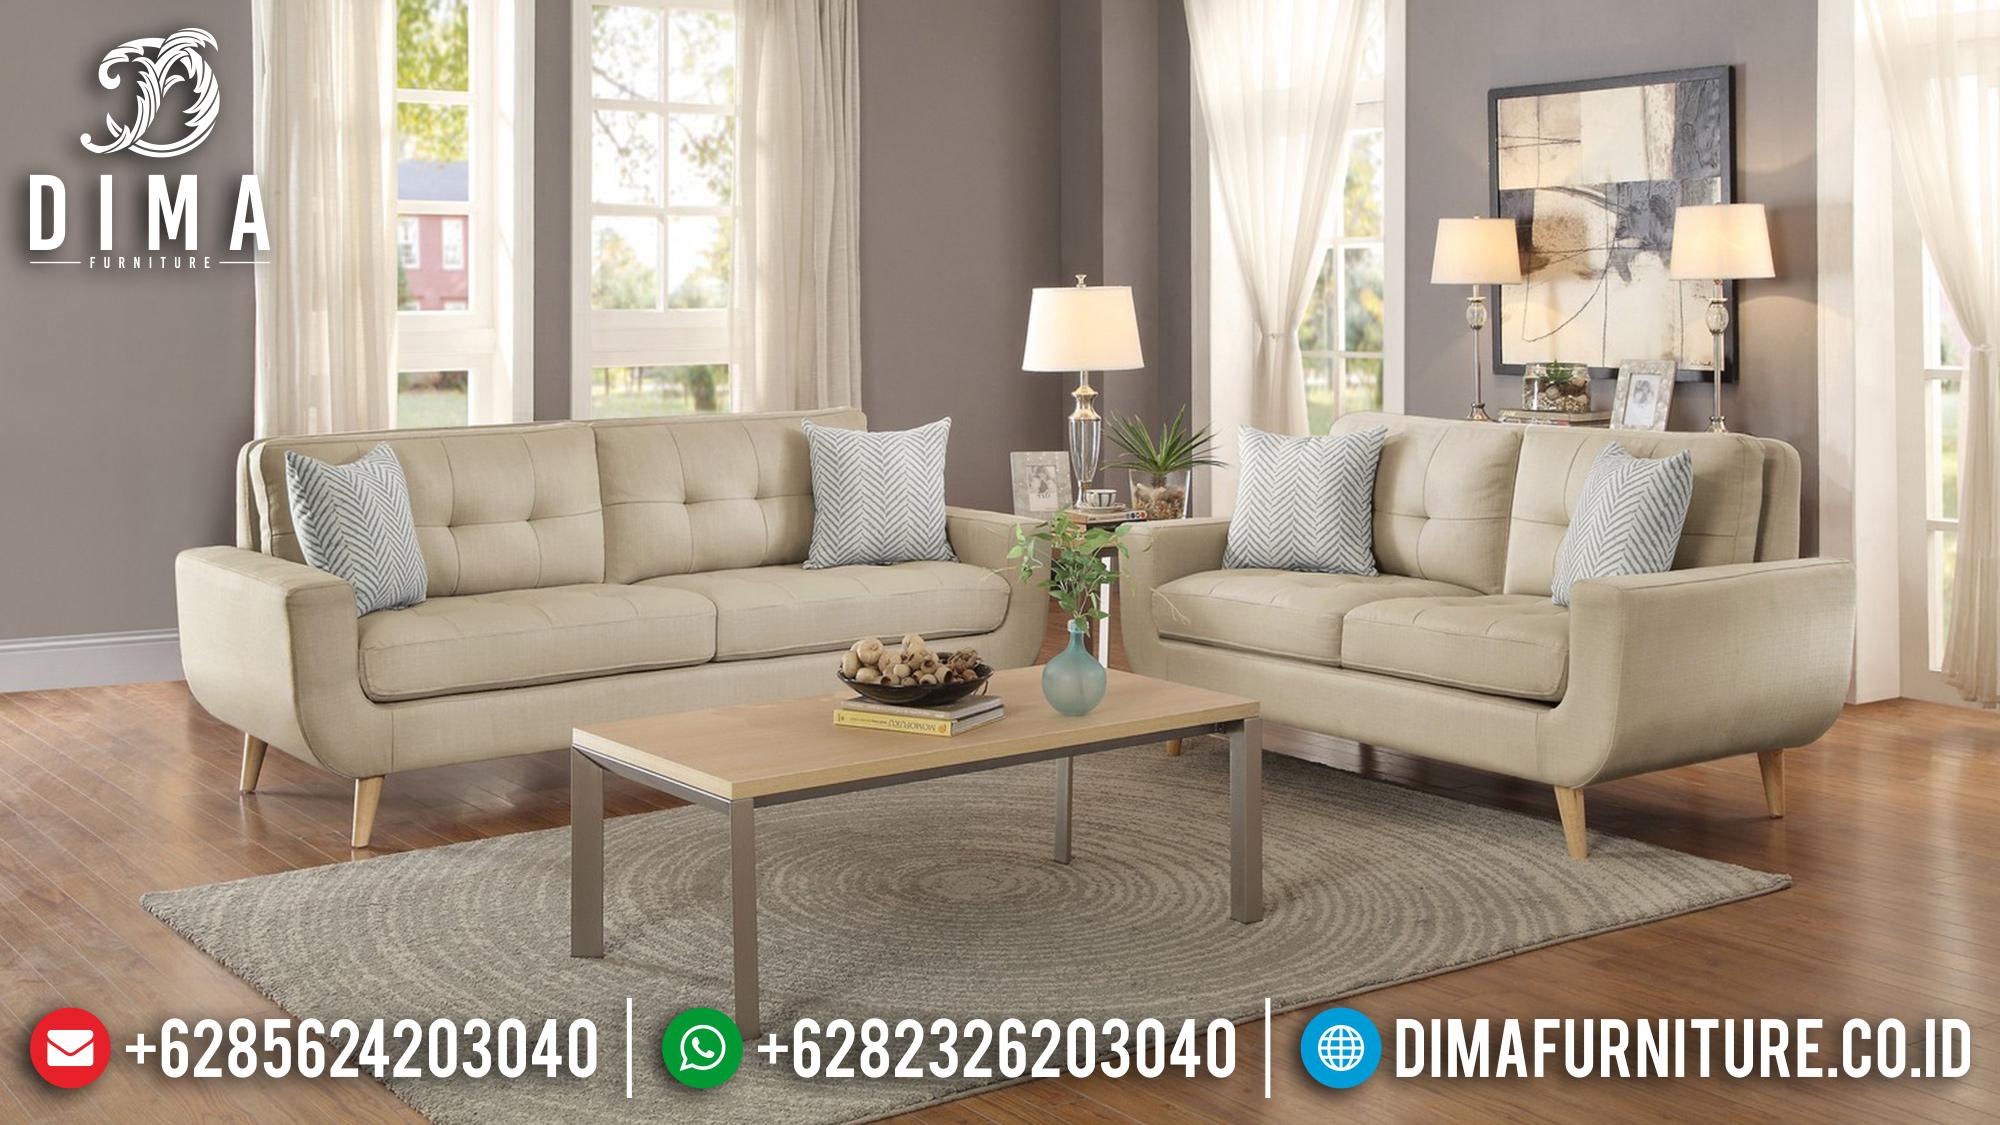 Jual Sofa Tamu Minimalis Modern Jepara Trend 2019